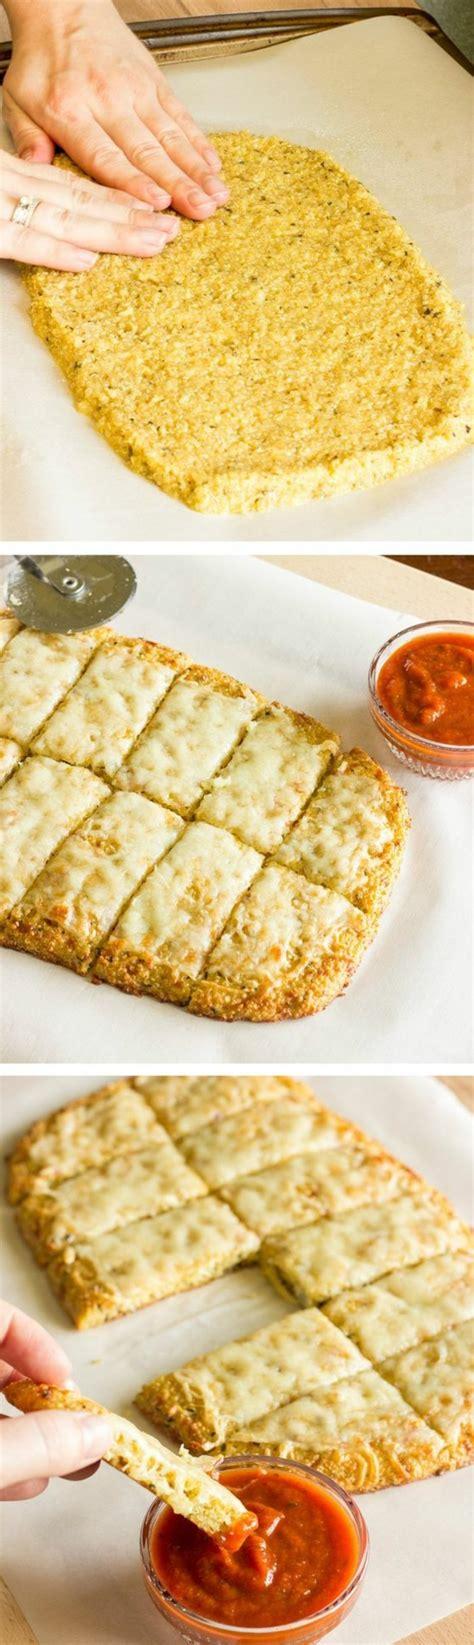 recette de cuisine marmiton entr馥 froide recettes entr 233 es froides marmiton